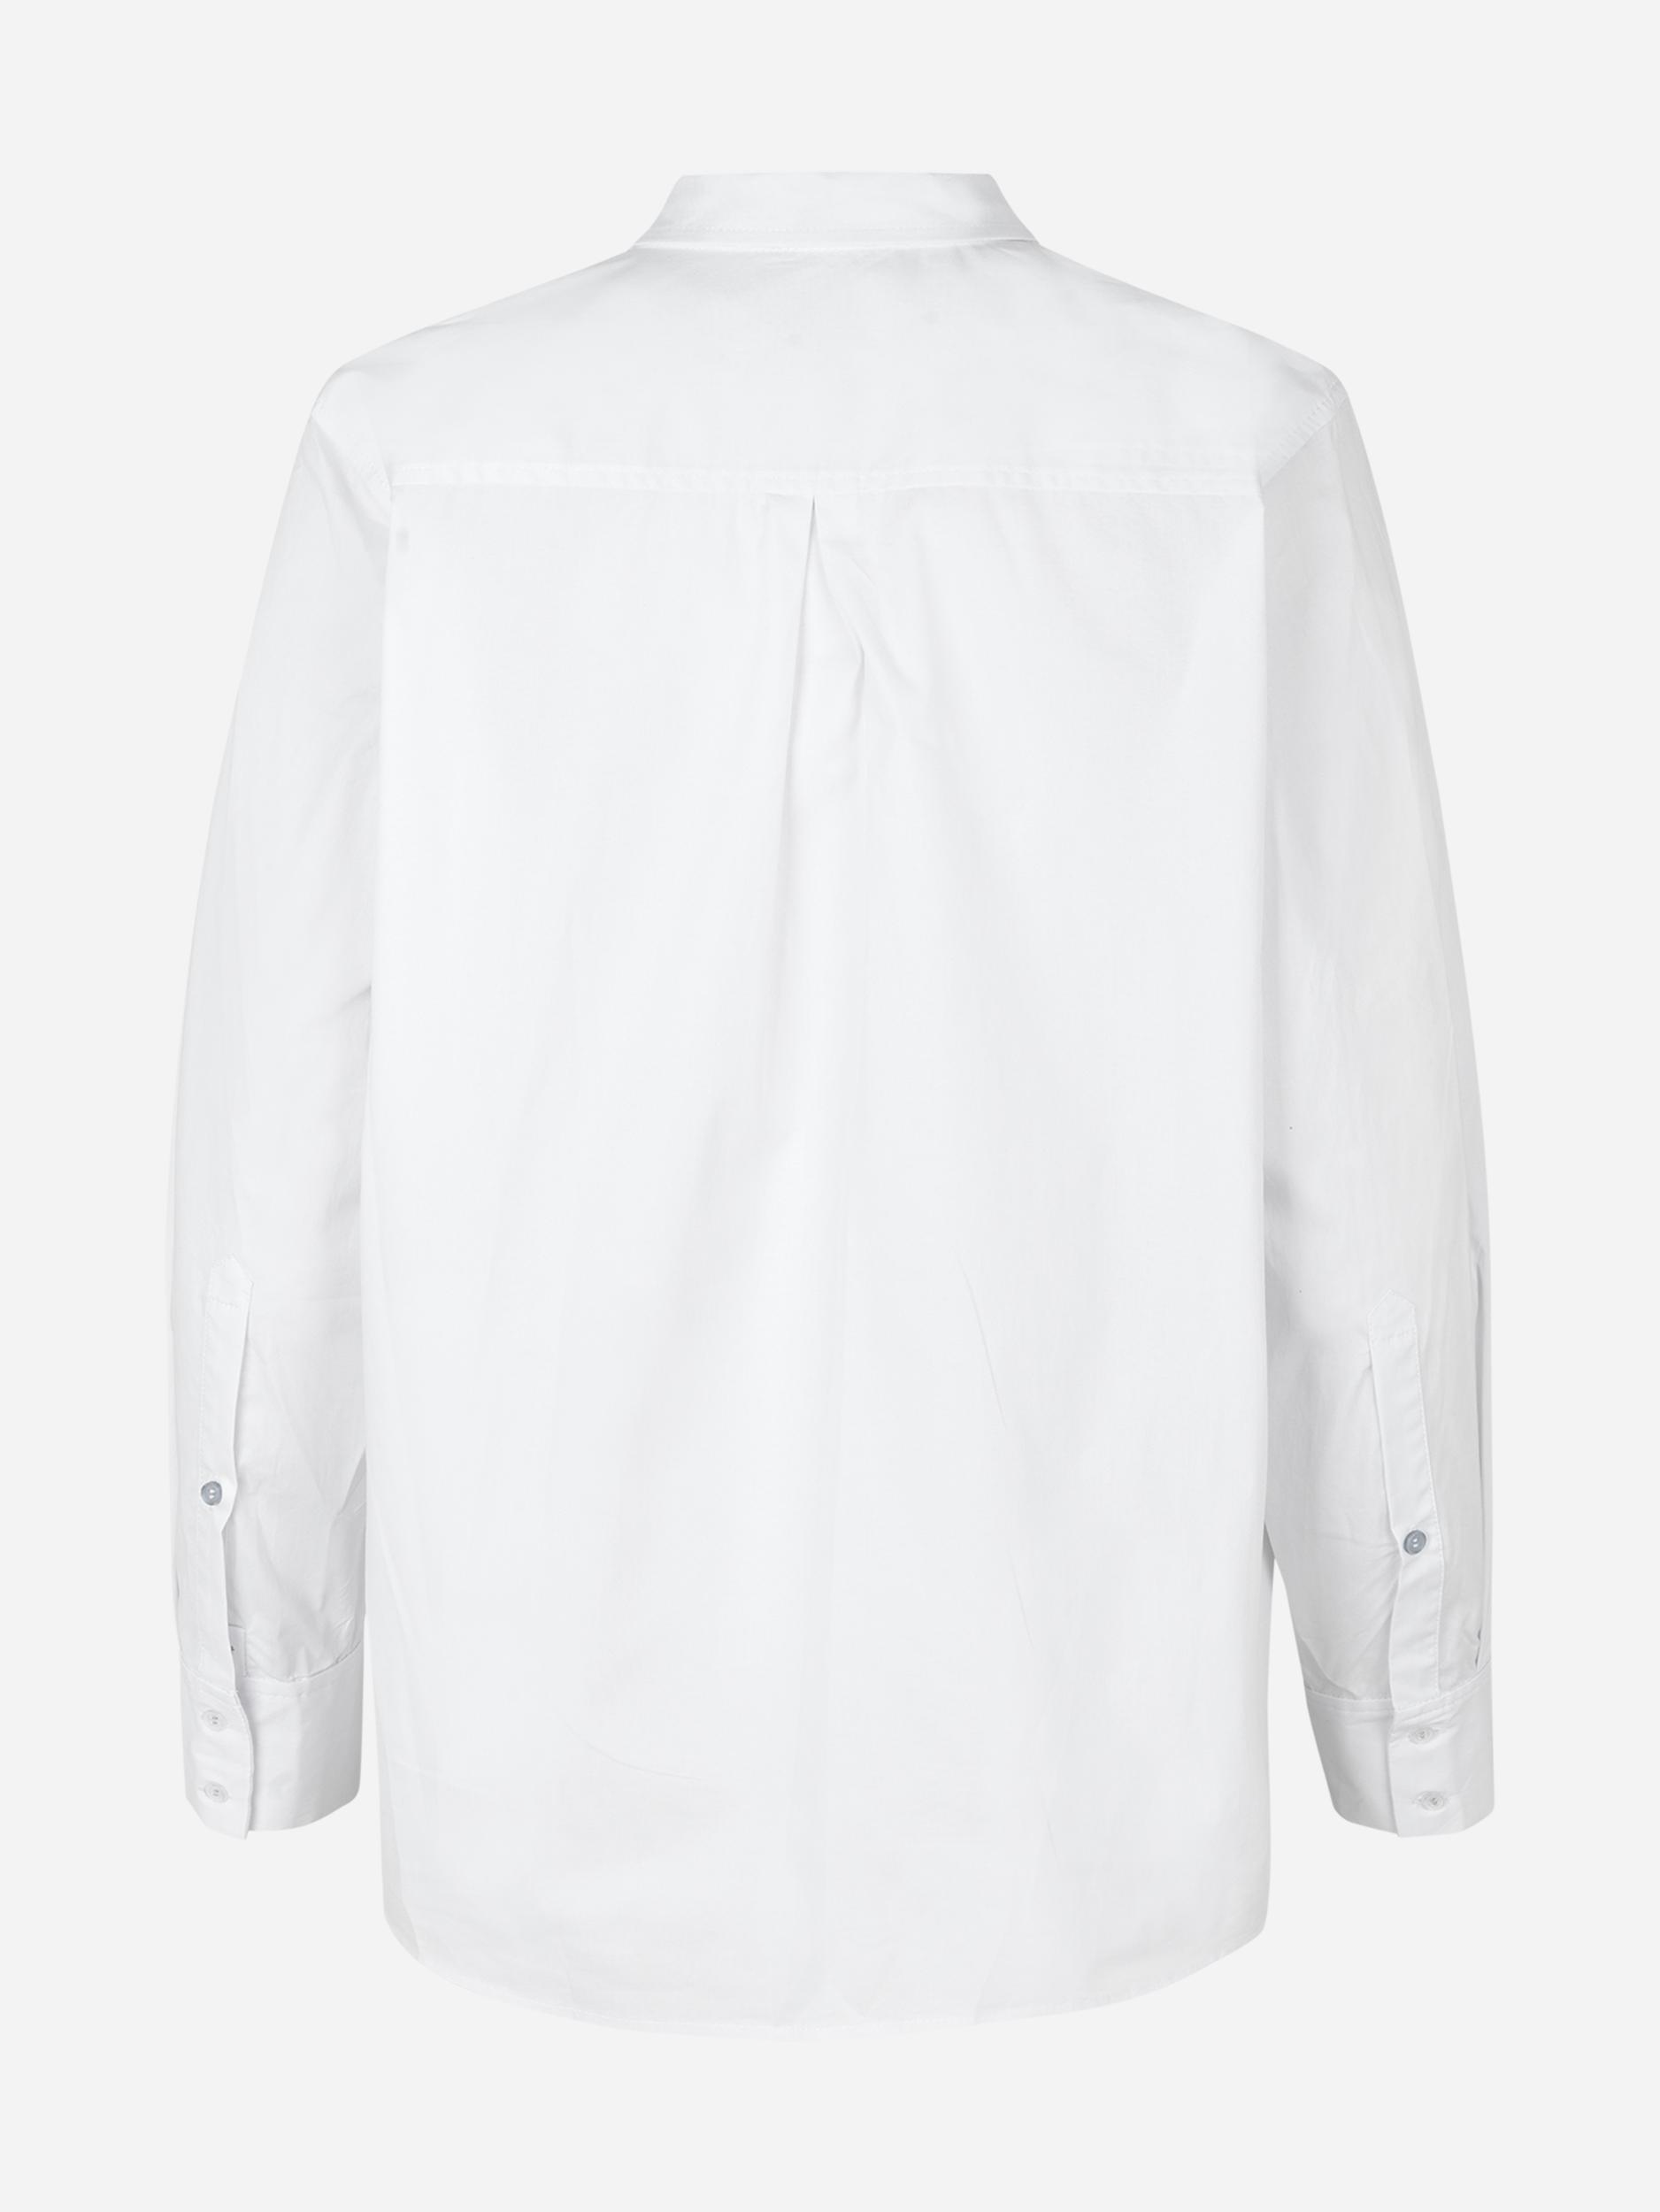 Munthe Honey skjorte, white, 42